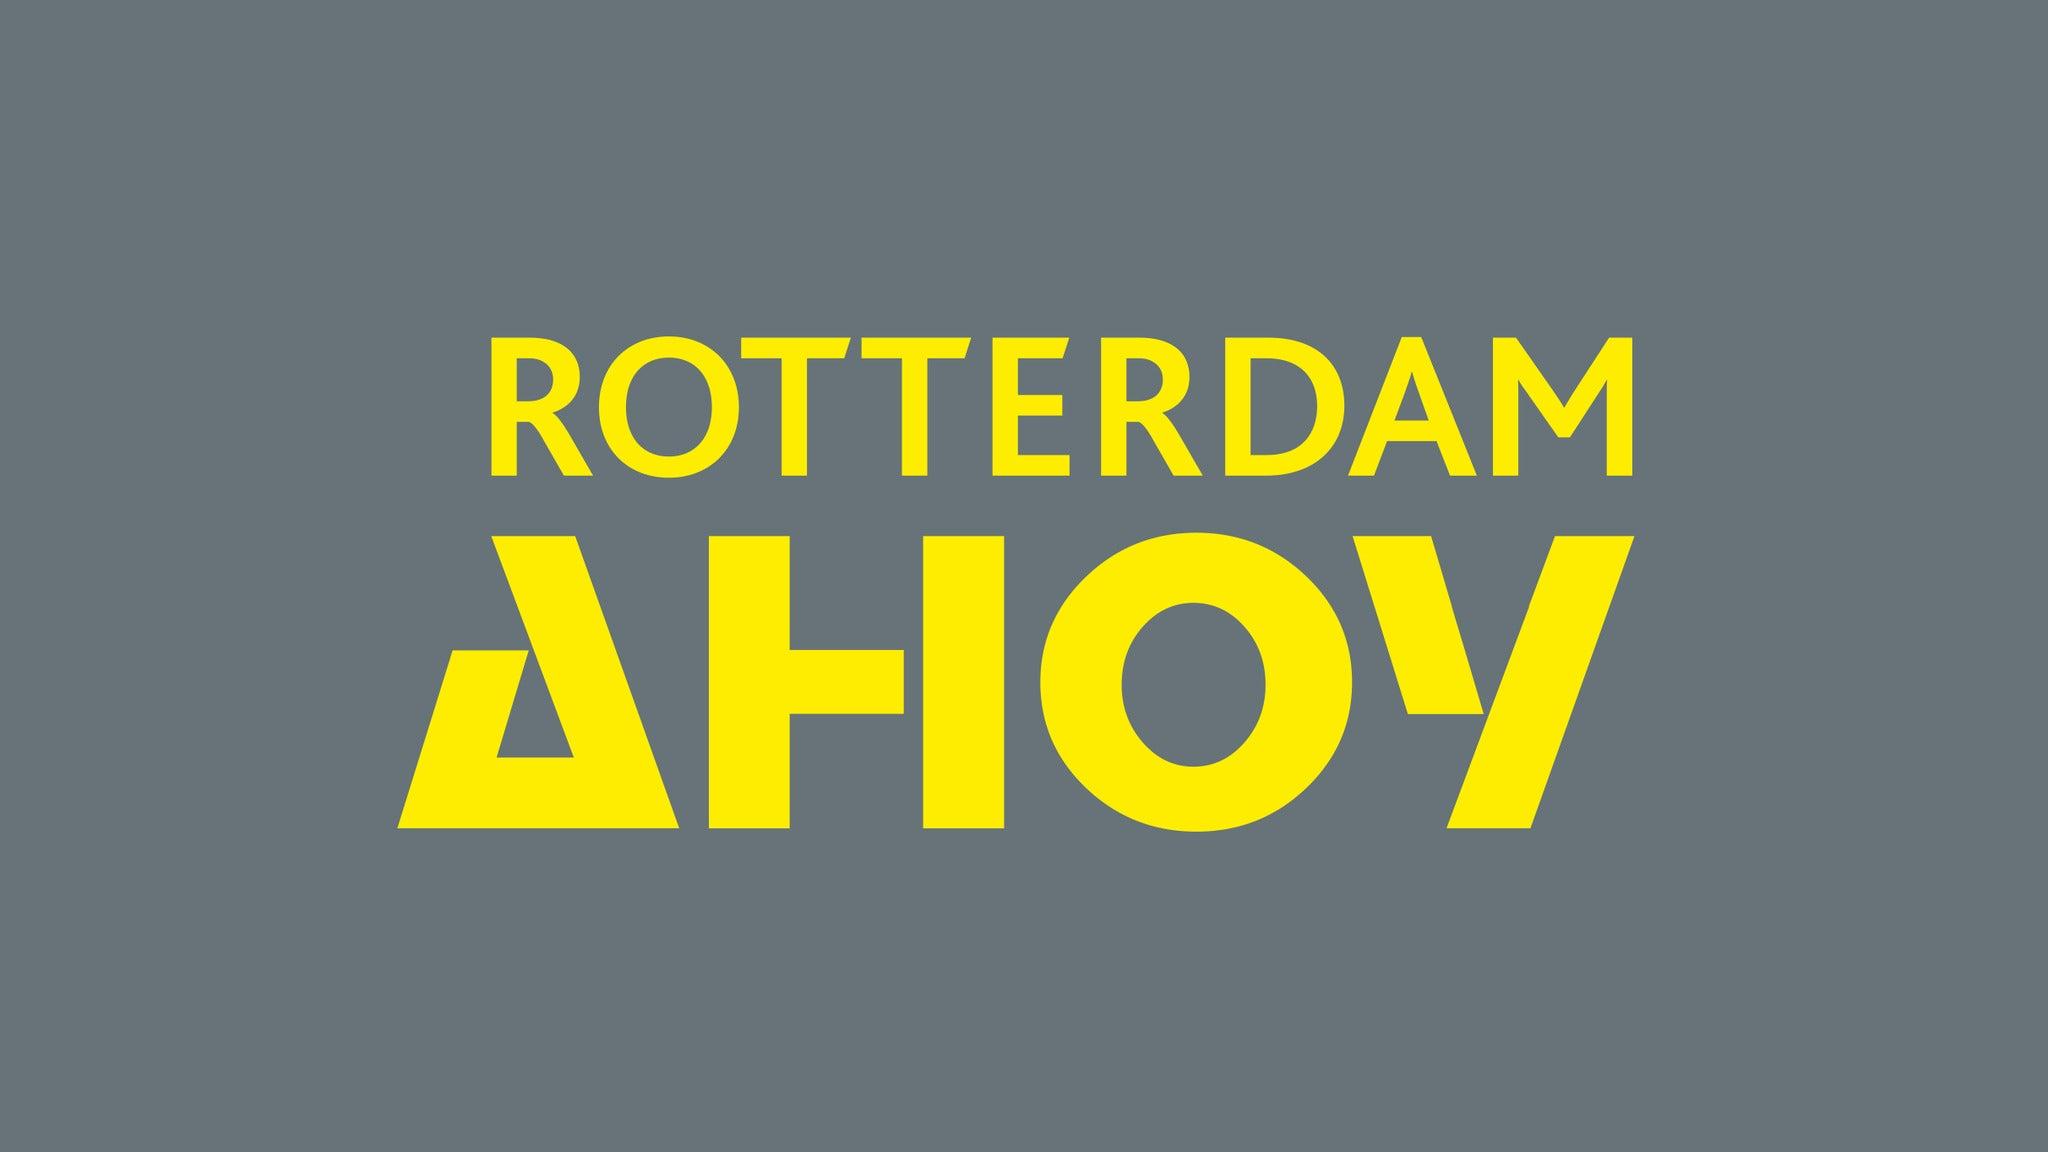 Parking Ticket Gastvrij Rotterdam